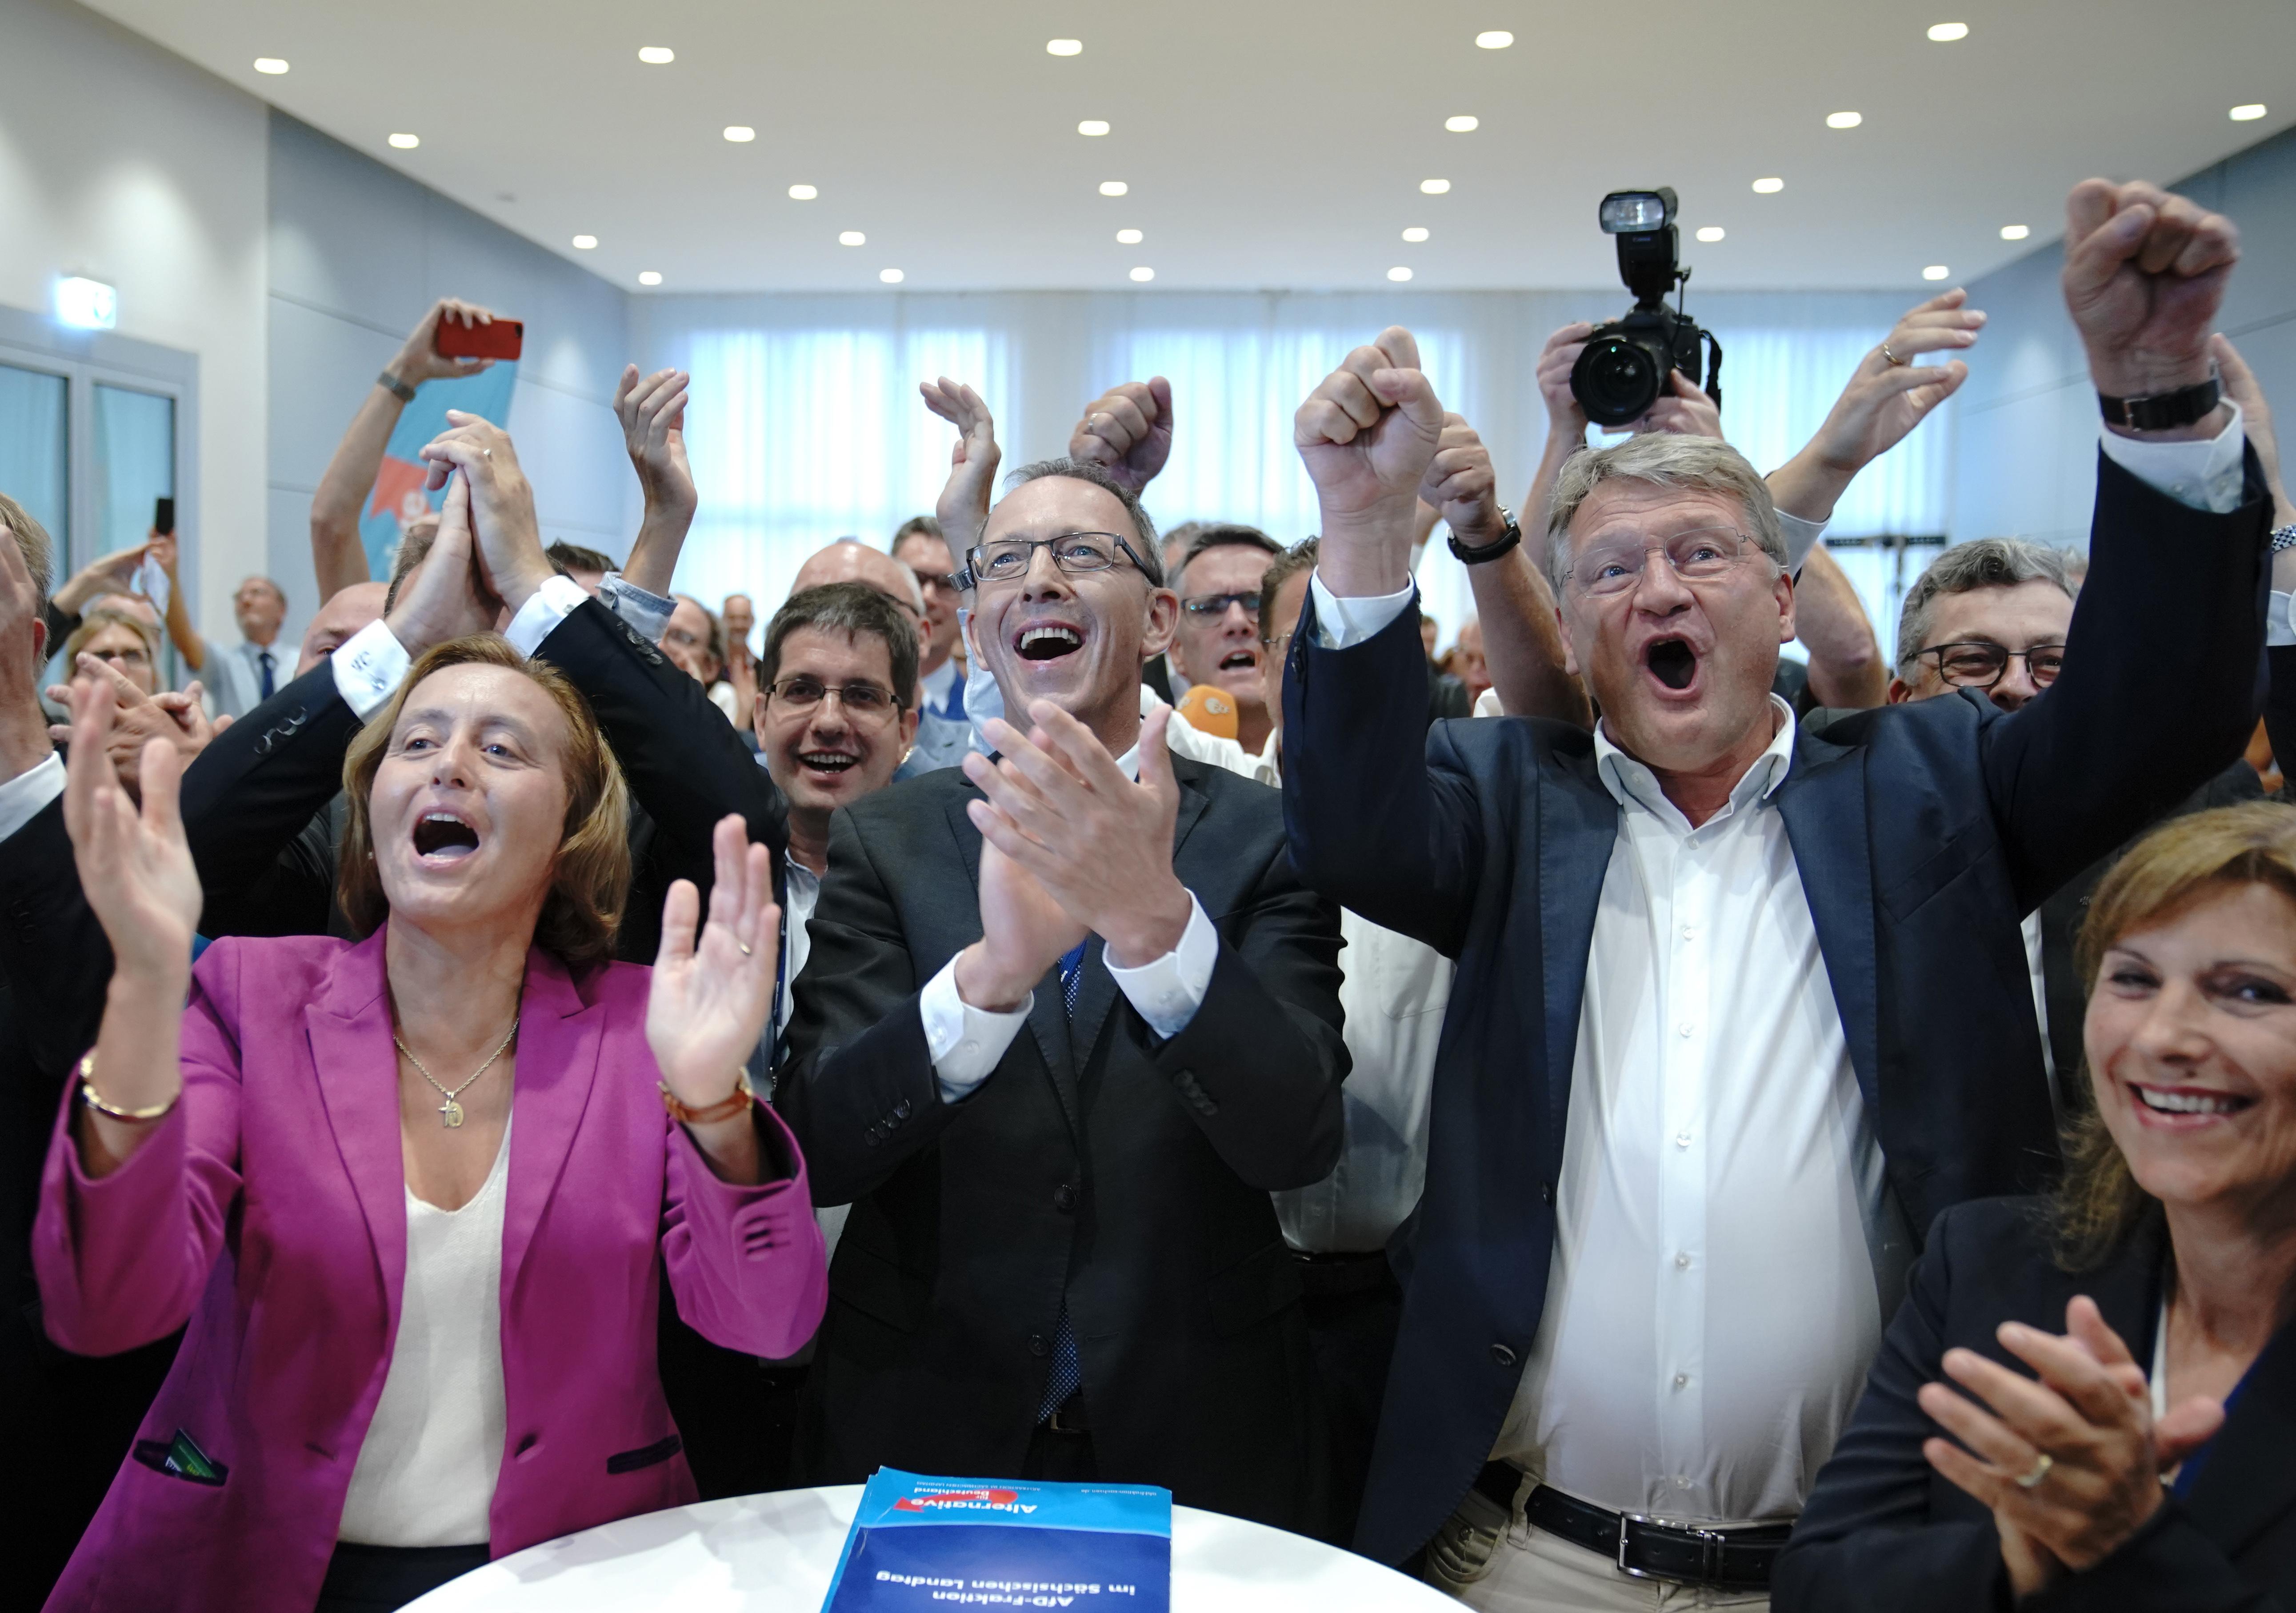 A tartományi választásokon a szélsőjobboldali AfD lett a második legnagyobb párt Németországban